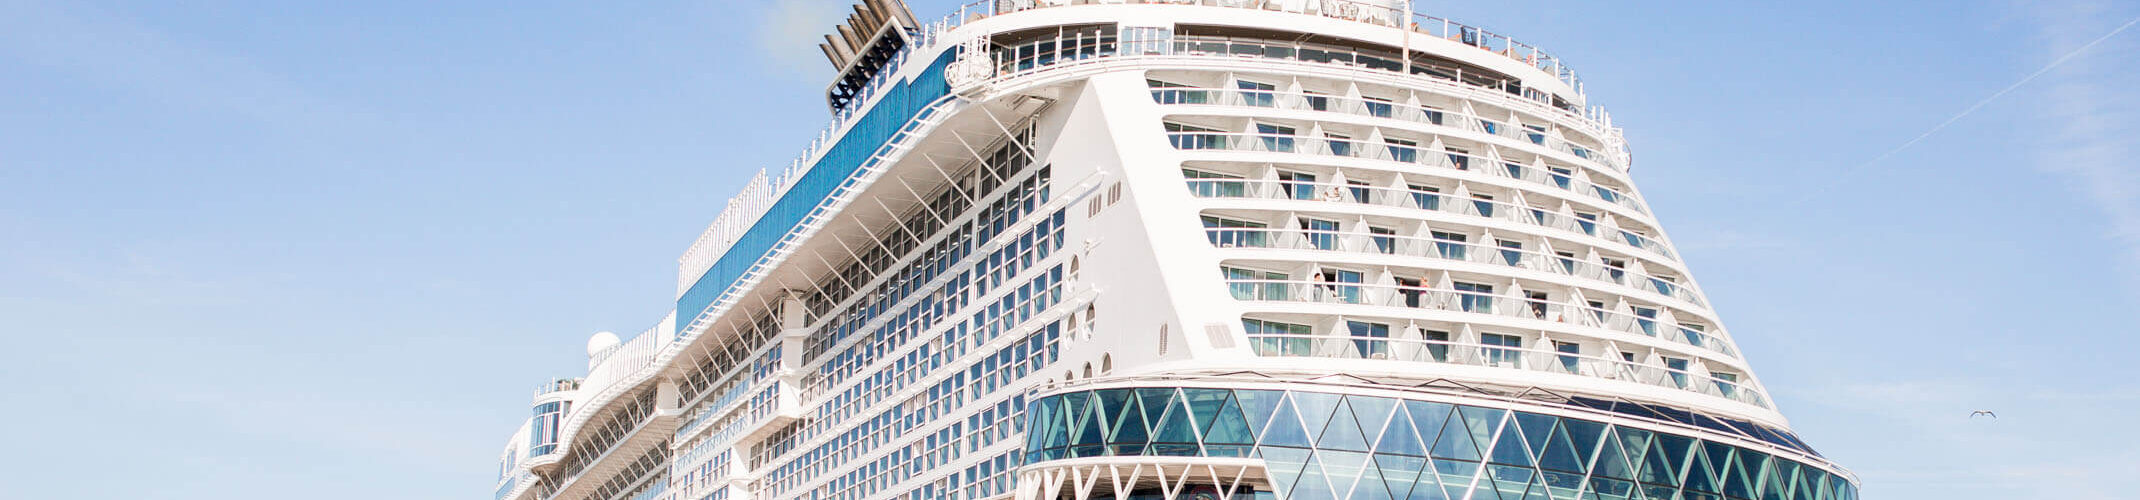 Royal Caribbean Group ივნისში განაახლებს ნაოსნობას აშშ – დან